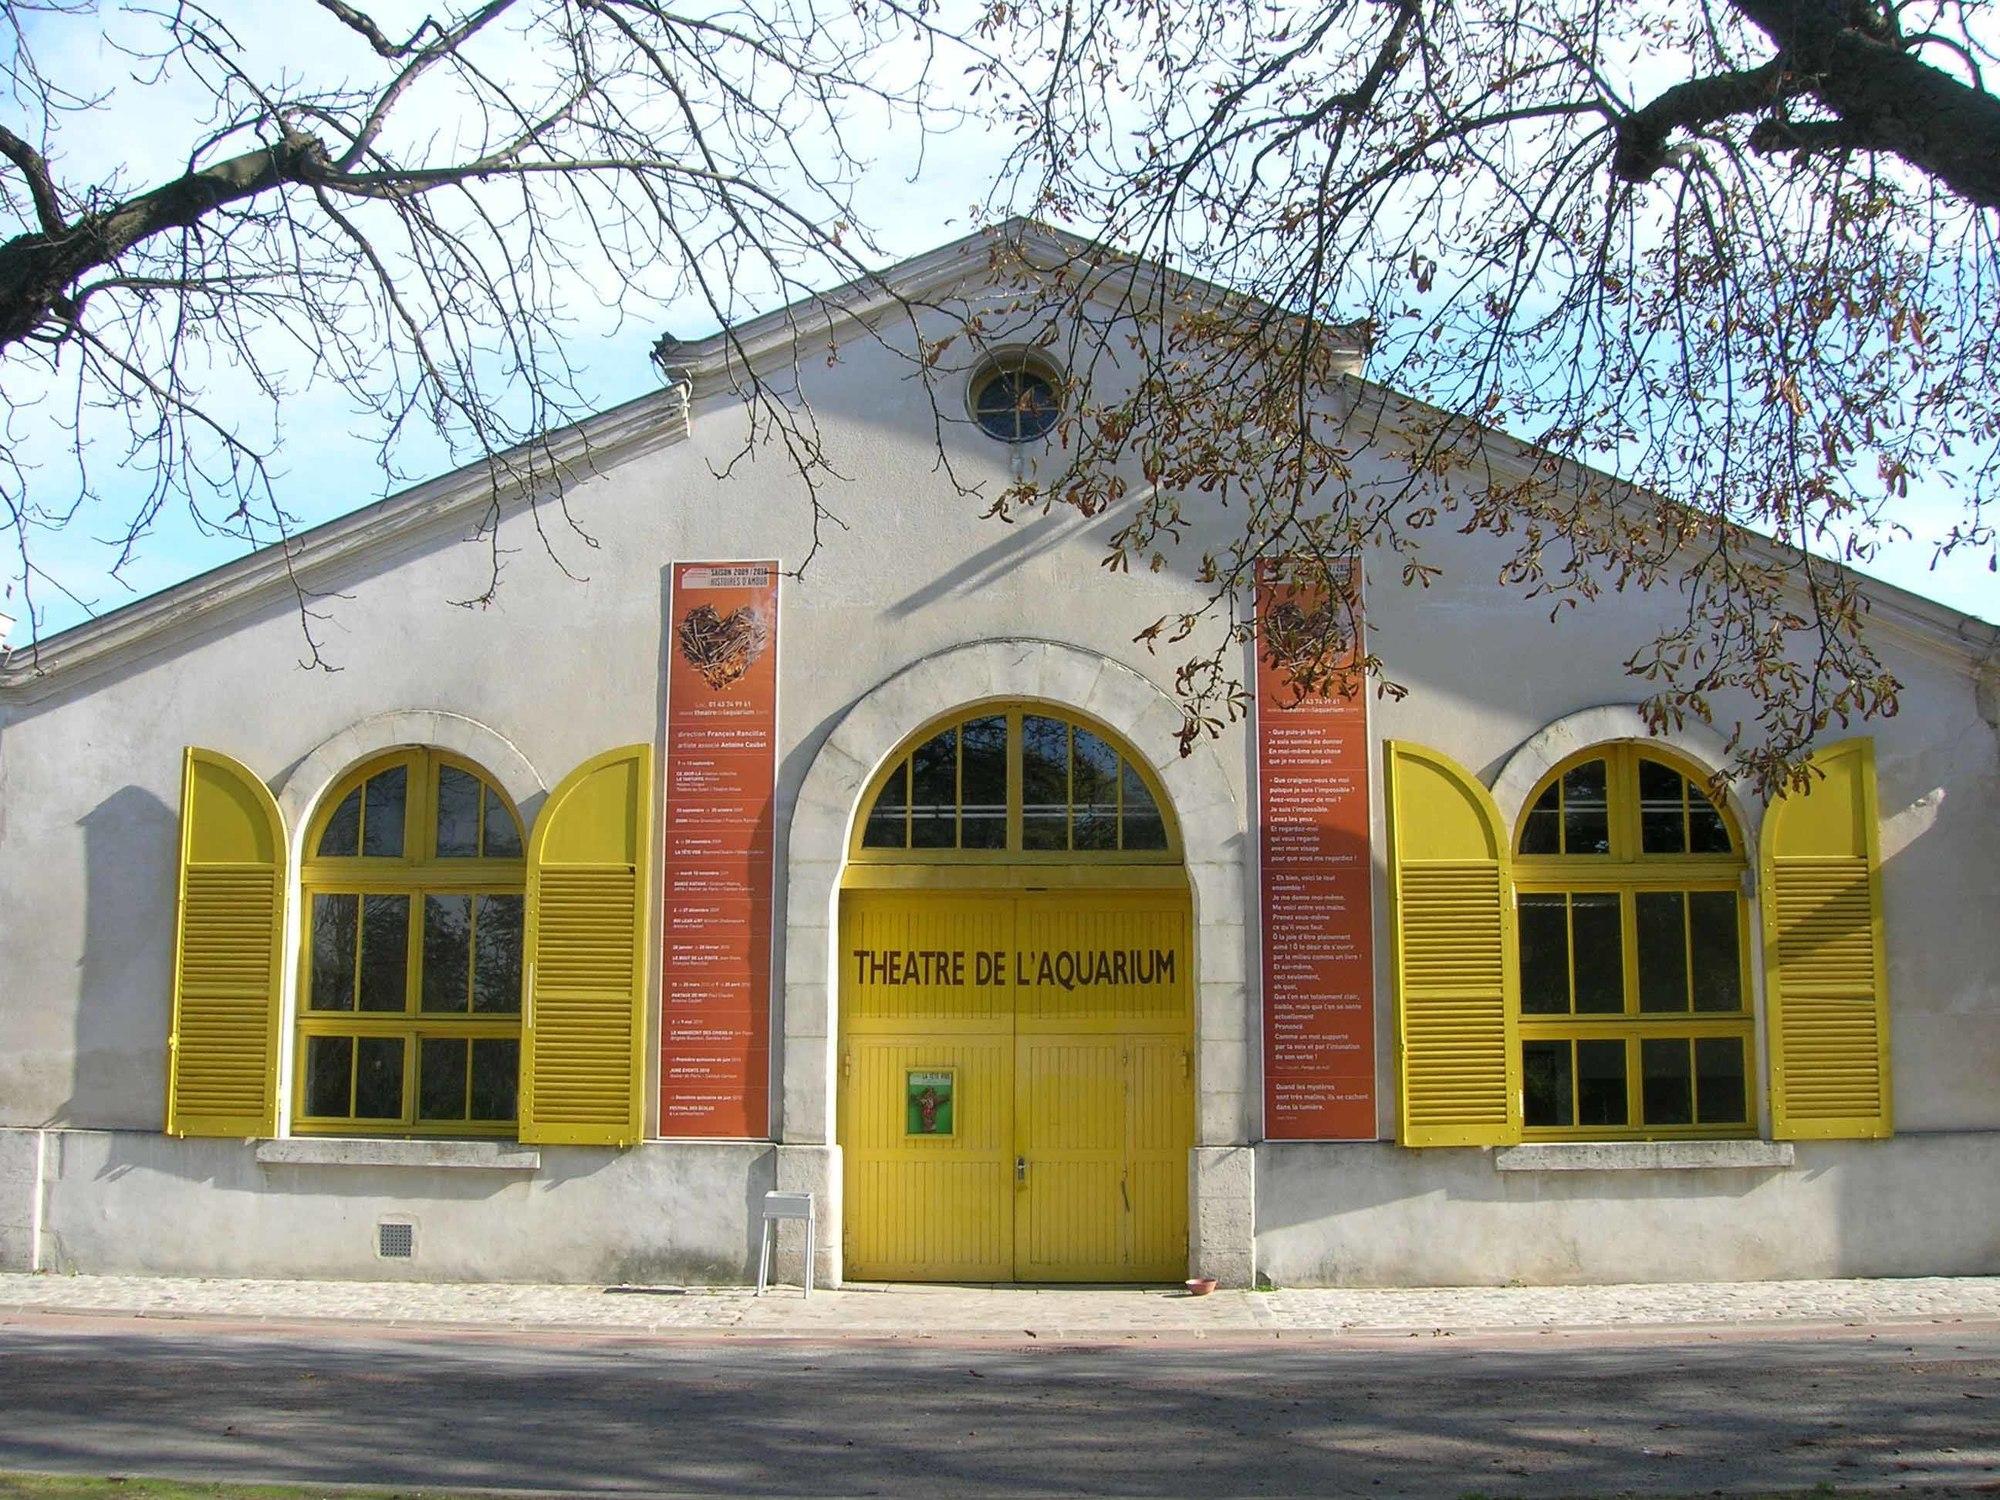 theatre-aquarium-facade